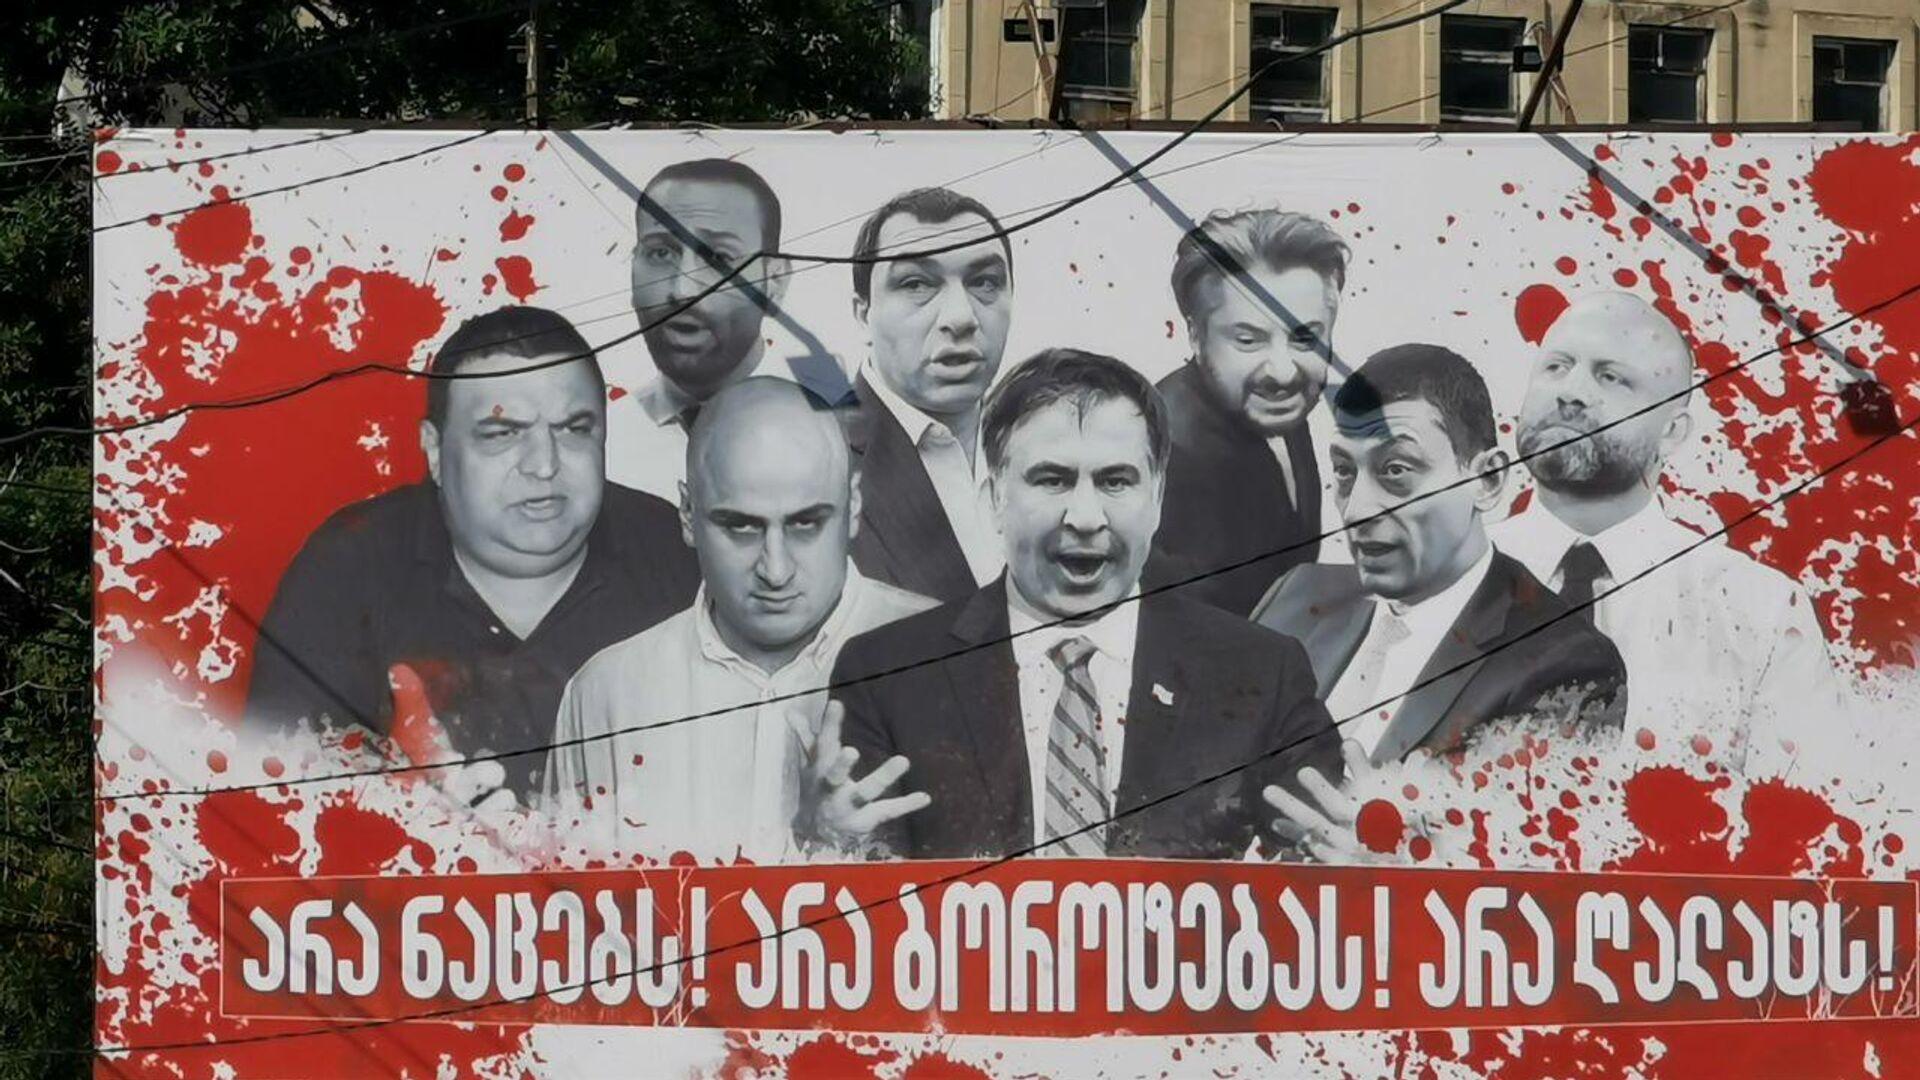 Кровавые баннеры на тбилисских улицах, предвыборная реклама - Sputnik Грузия, 1920, 18.09.2021